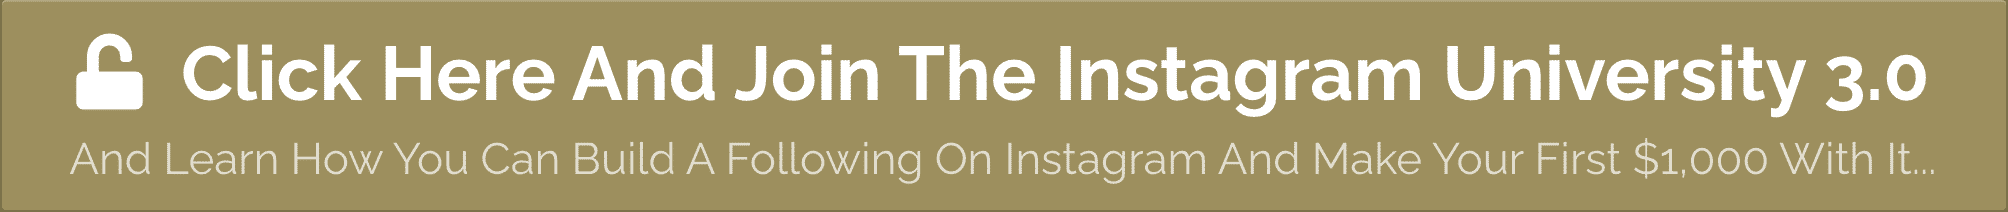 Instagram University 3.0 Button